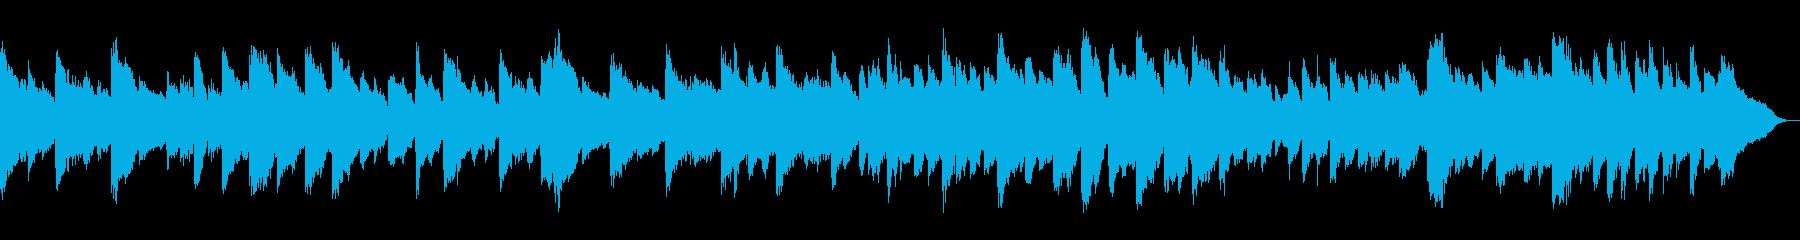 心が安らぐ有名クラシック lofiピアノの再生済みの波形